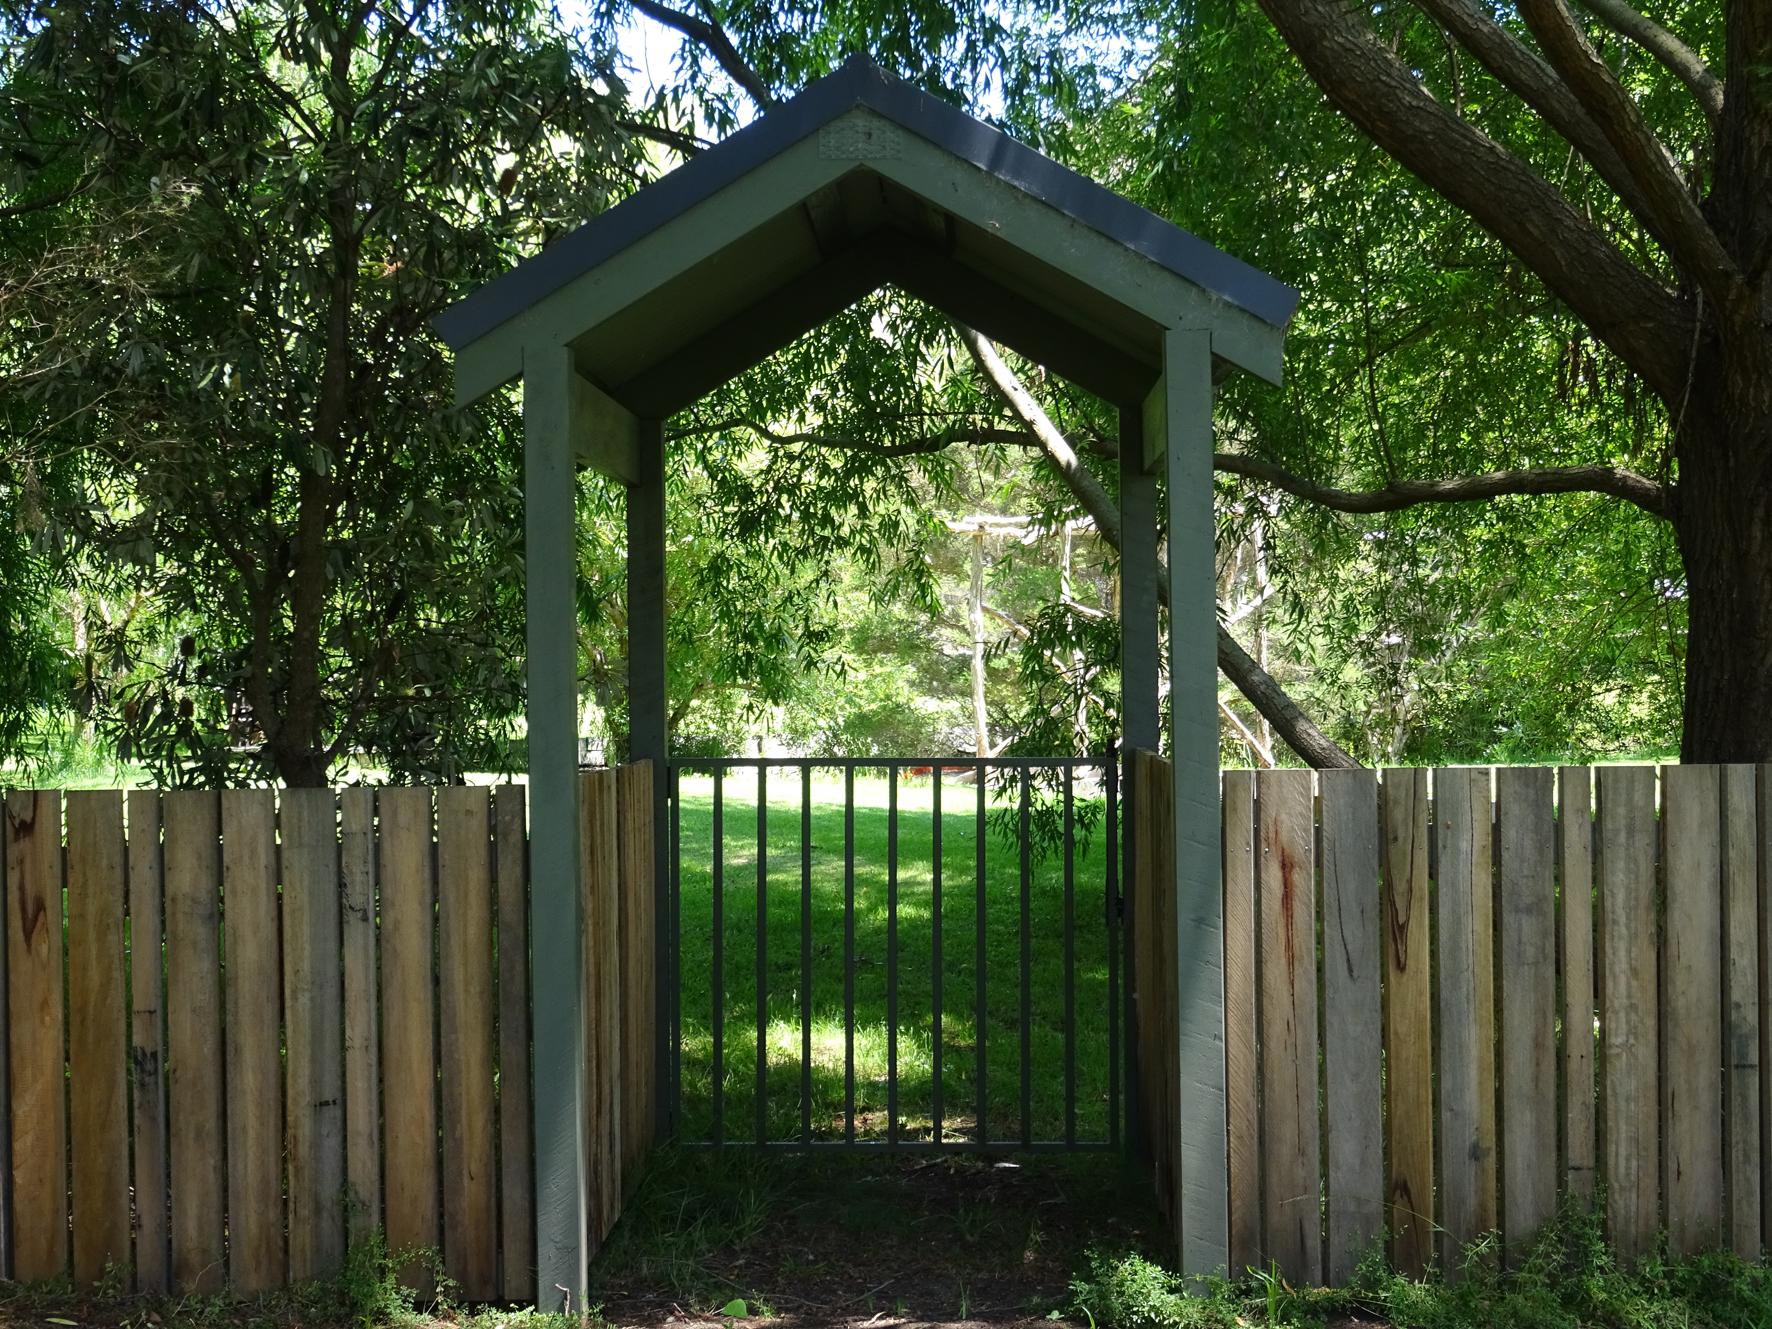 Fence_Gate.jpg